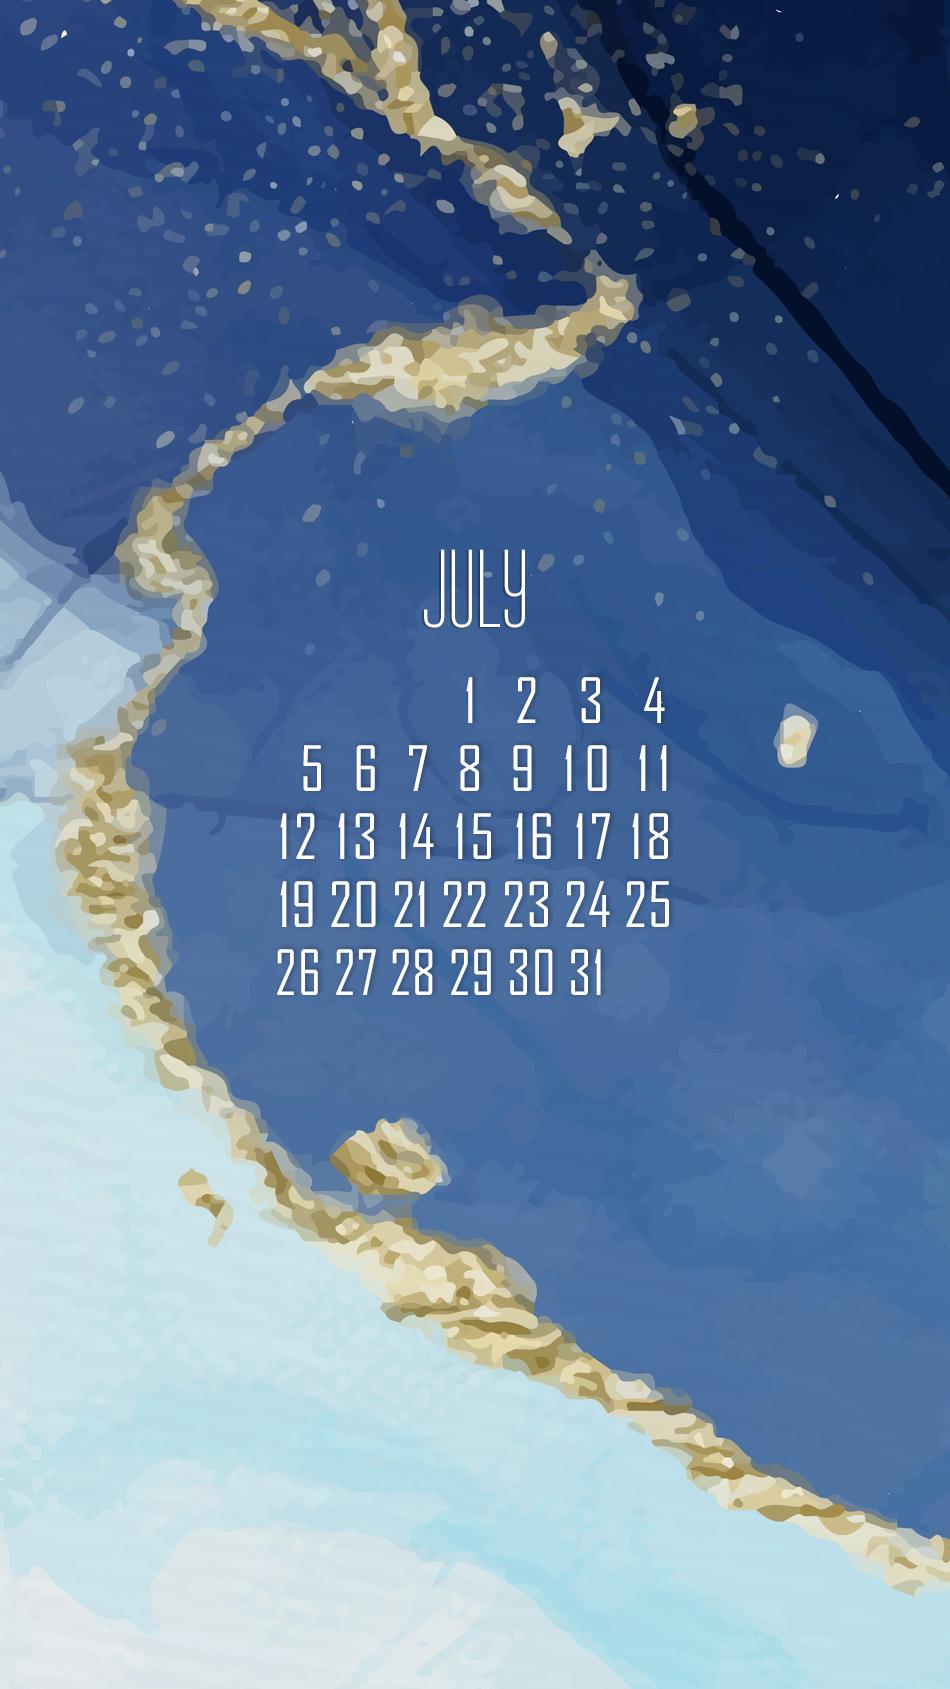 заставка на смартфон, district-f.org календарь на июль 6